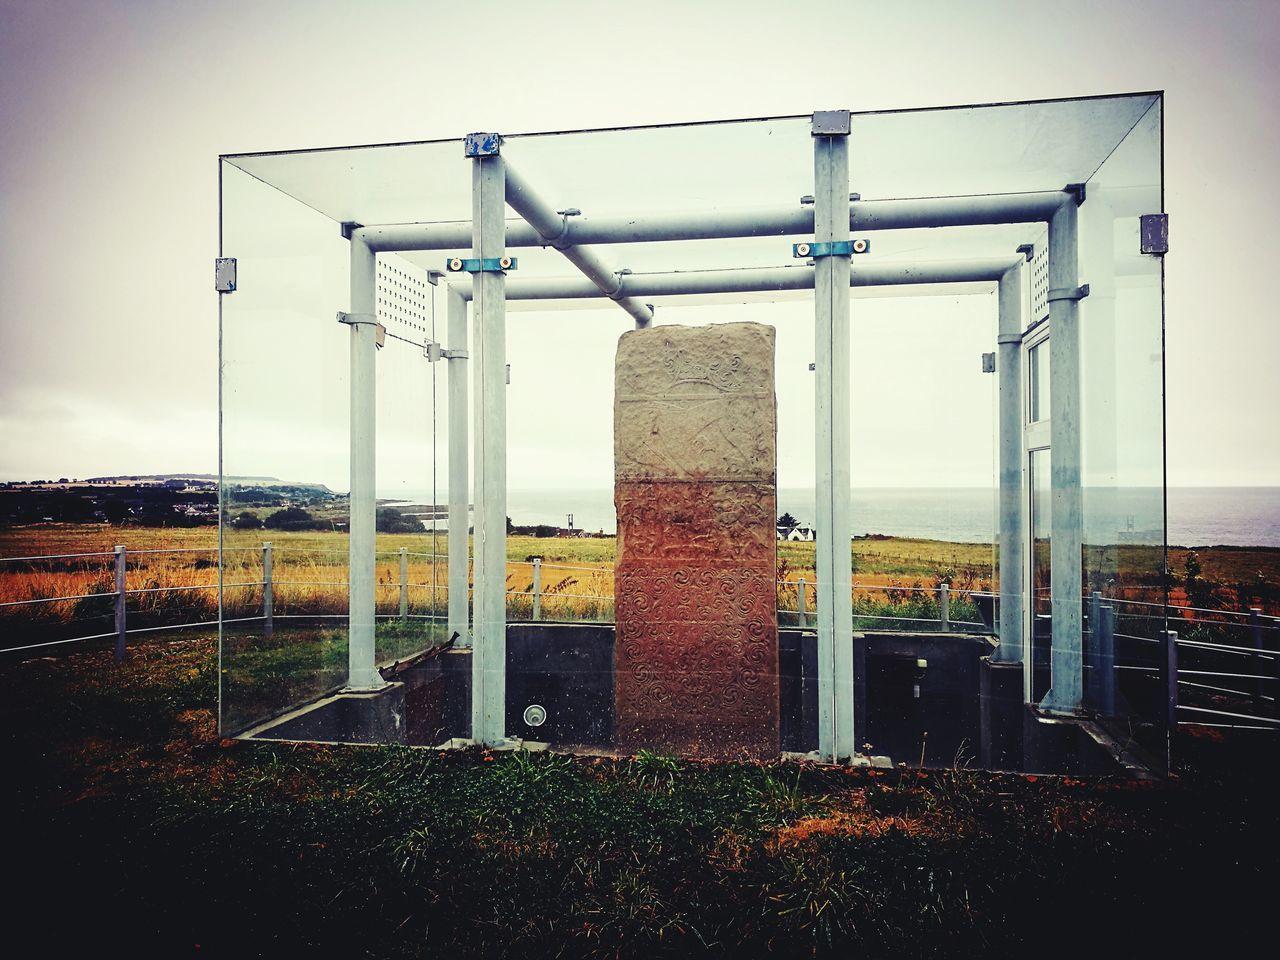 Clach a' Charaidh Standing Stone, Shandwick, Tarbat, Scotland